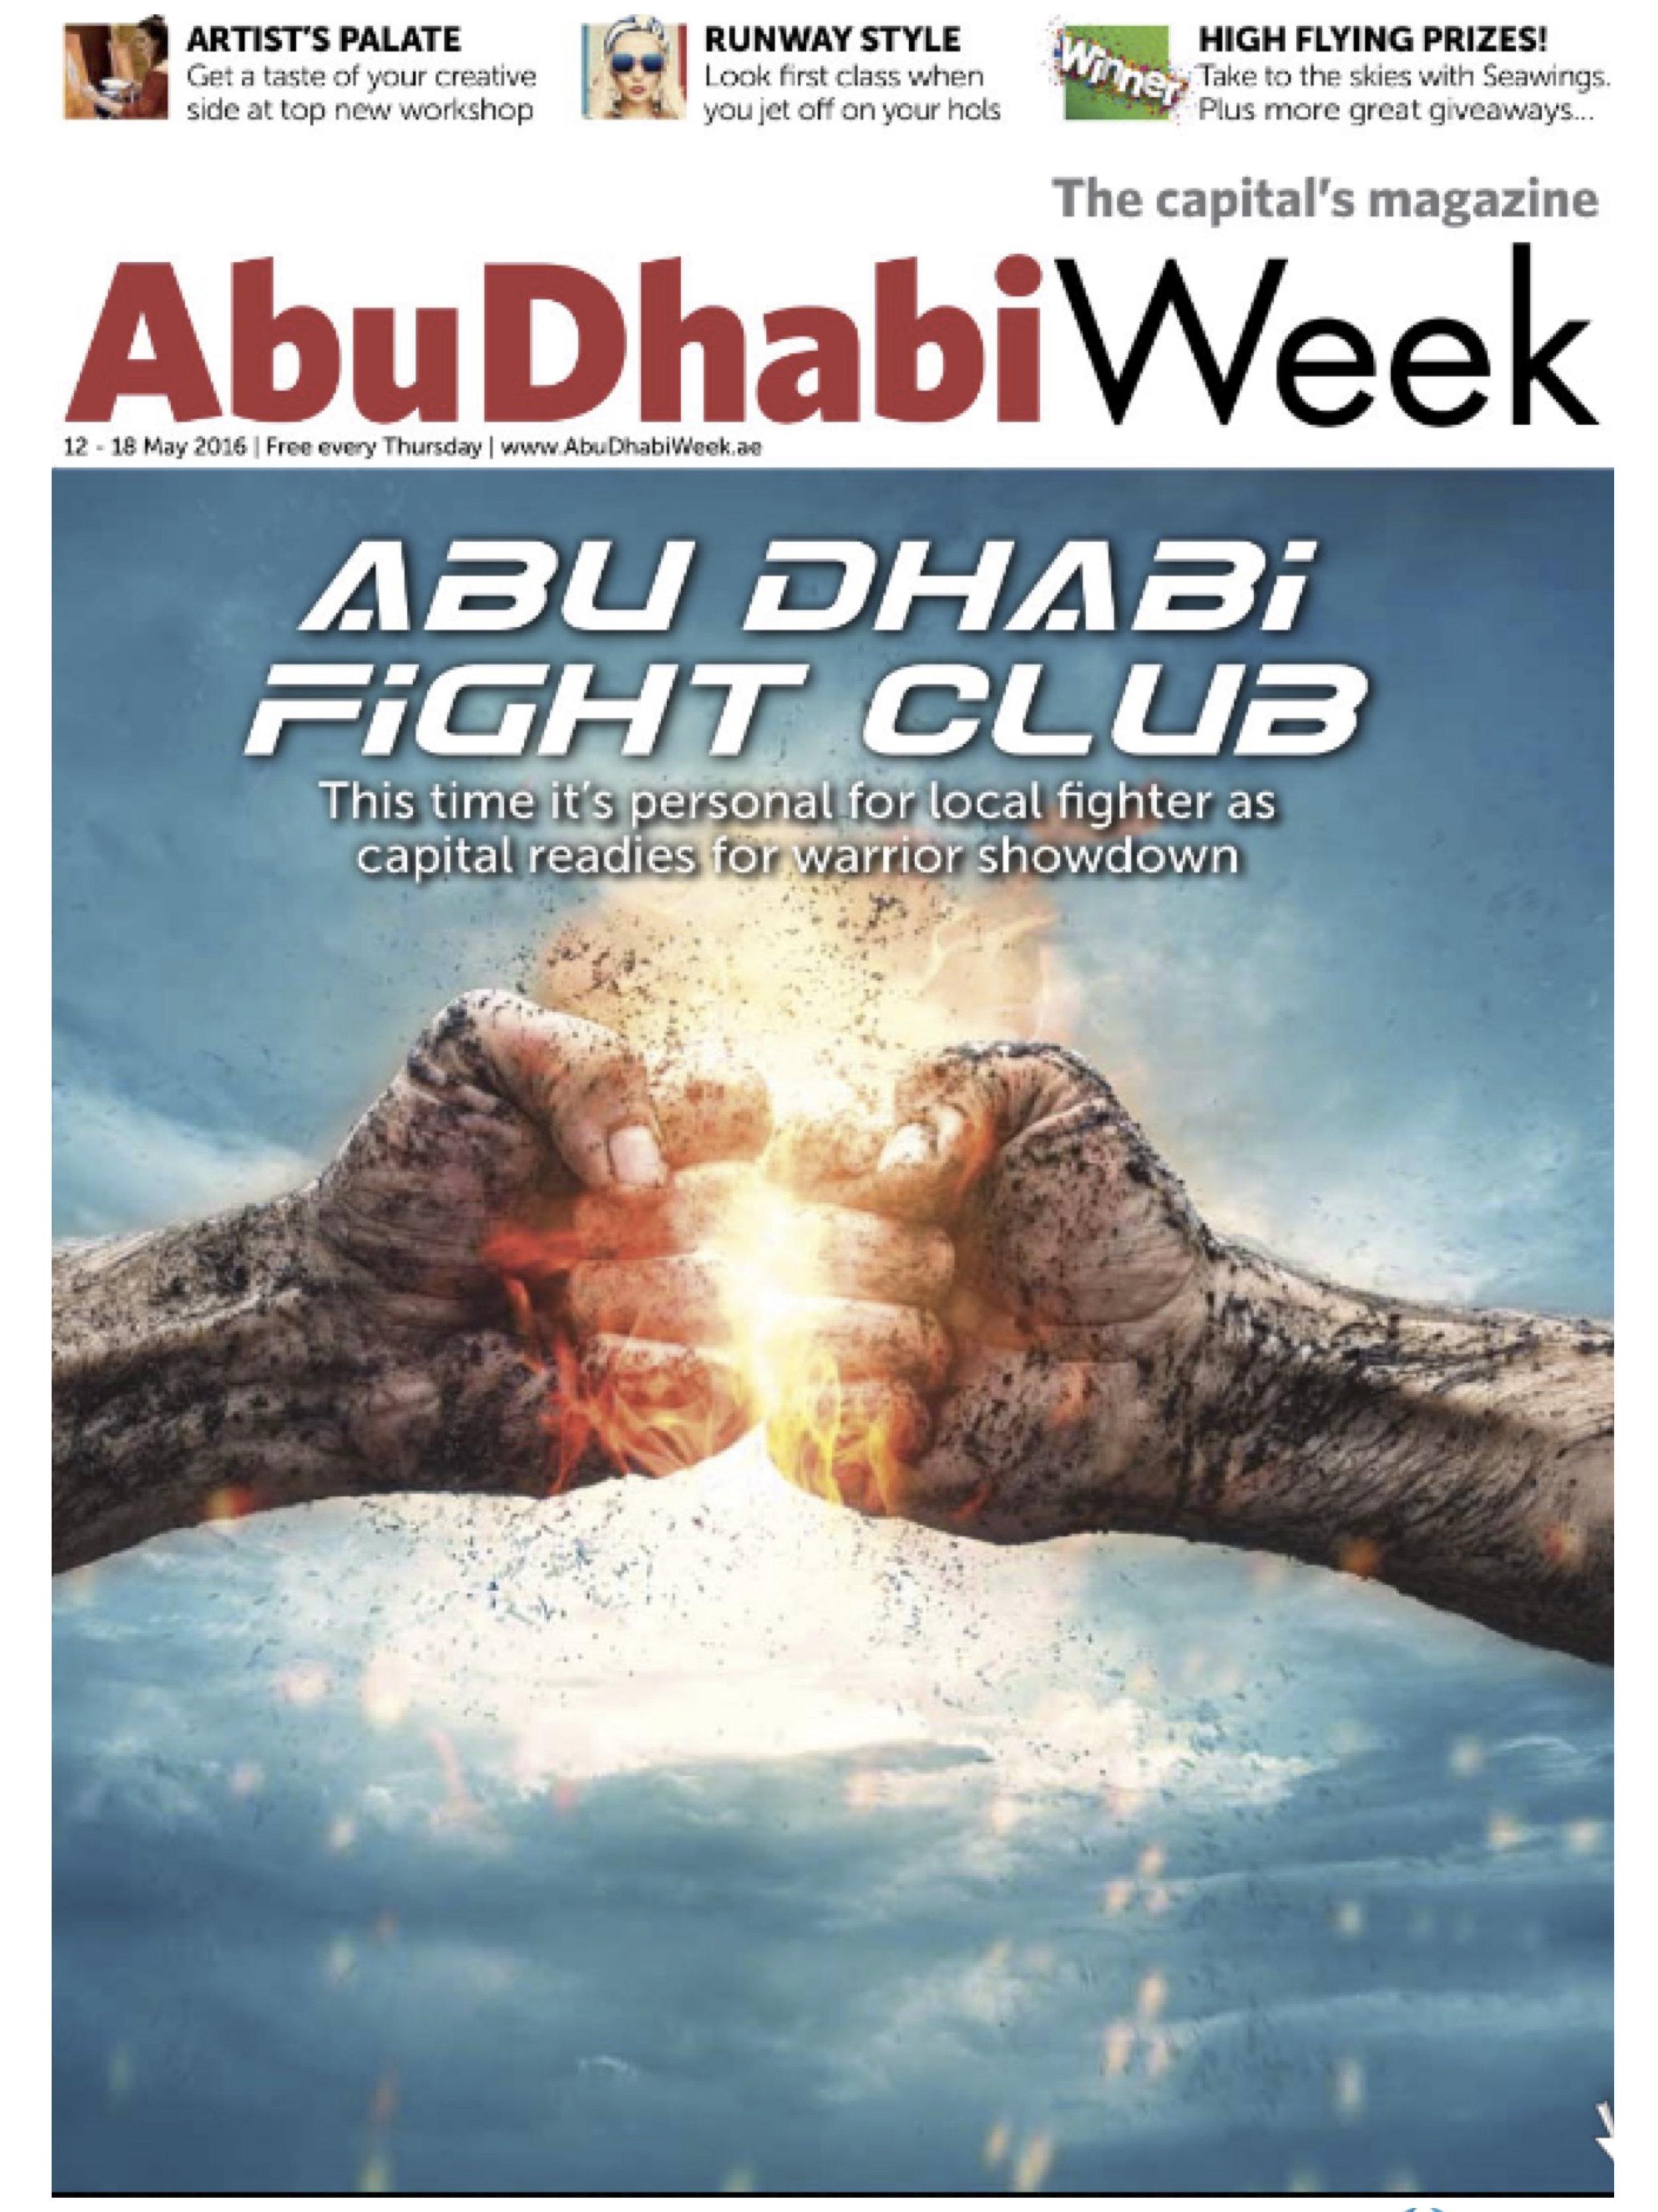 Joelle A Kurdy - May 12th - 18th 2016 - Abu Dhabi Week  copy.jpg